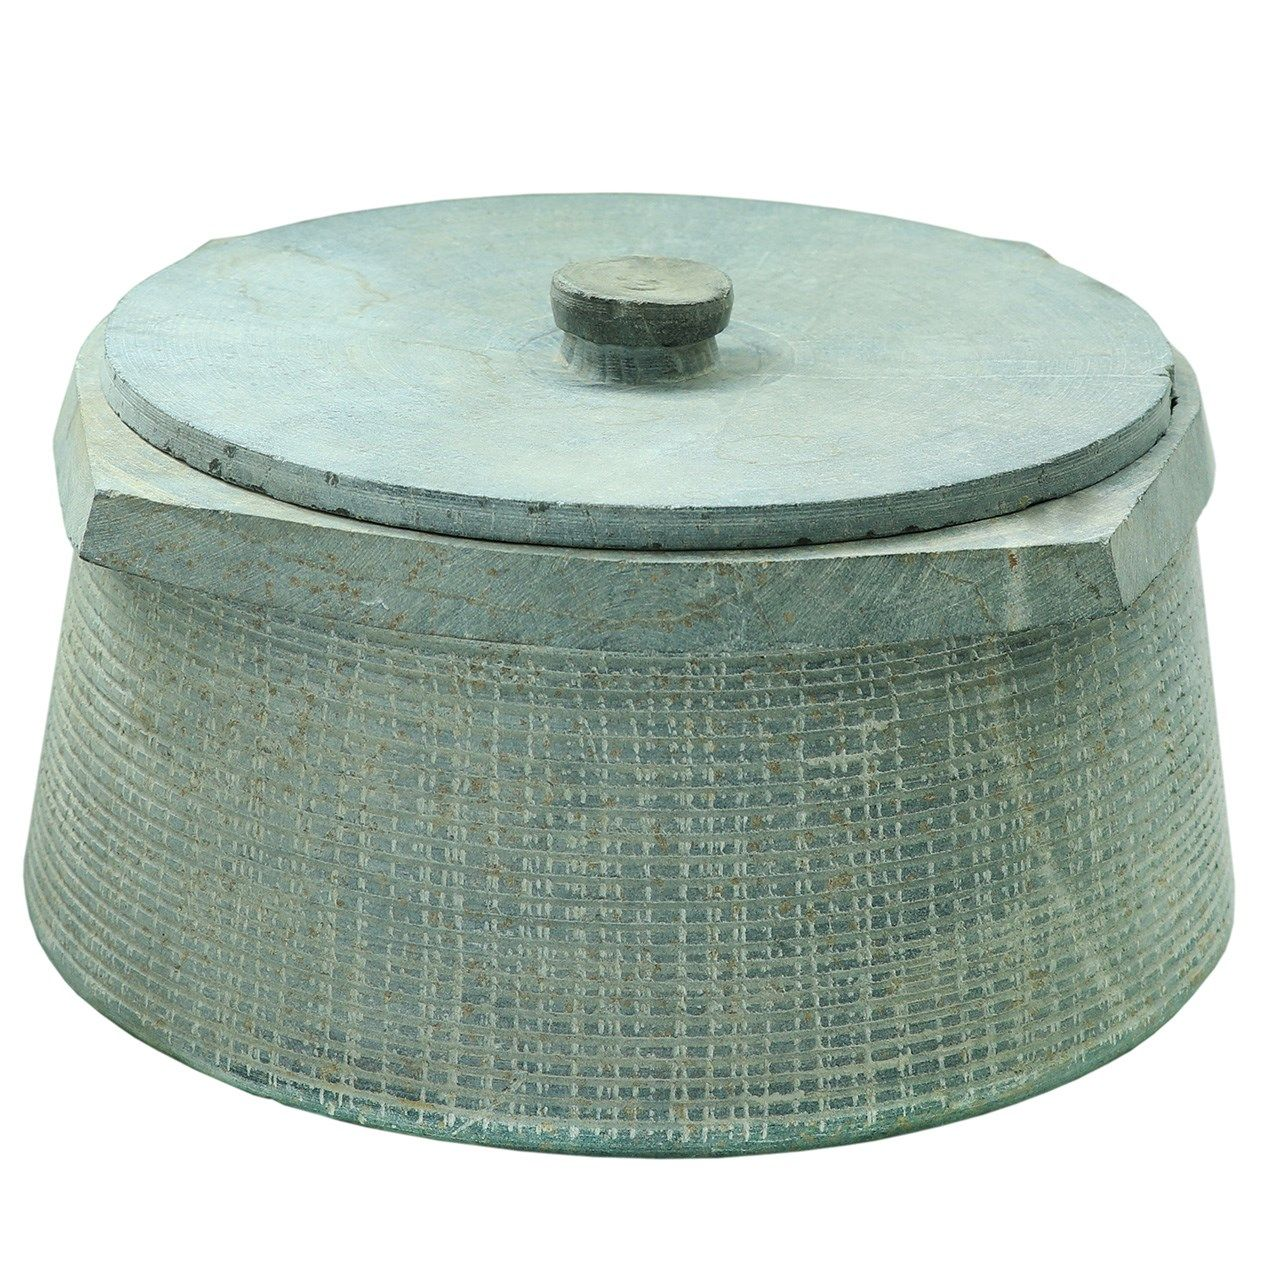 خرید ظرف دیزی سنگی ارزان قیمت + 7 مدل با کیفیت